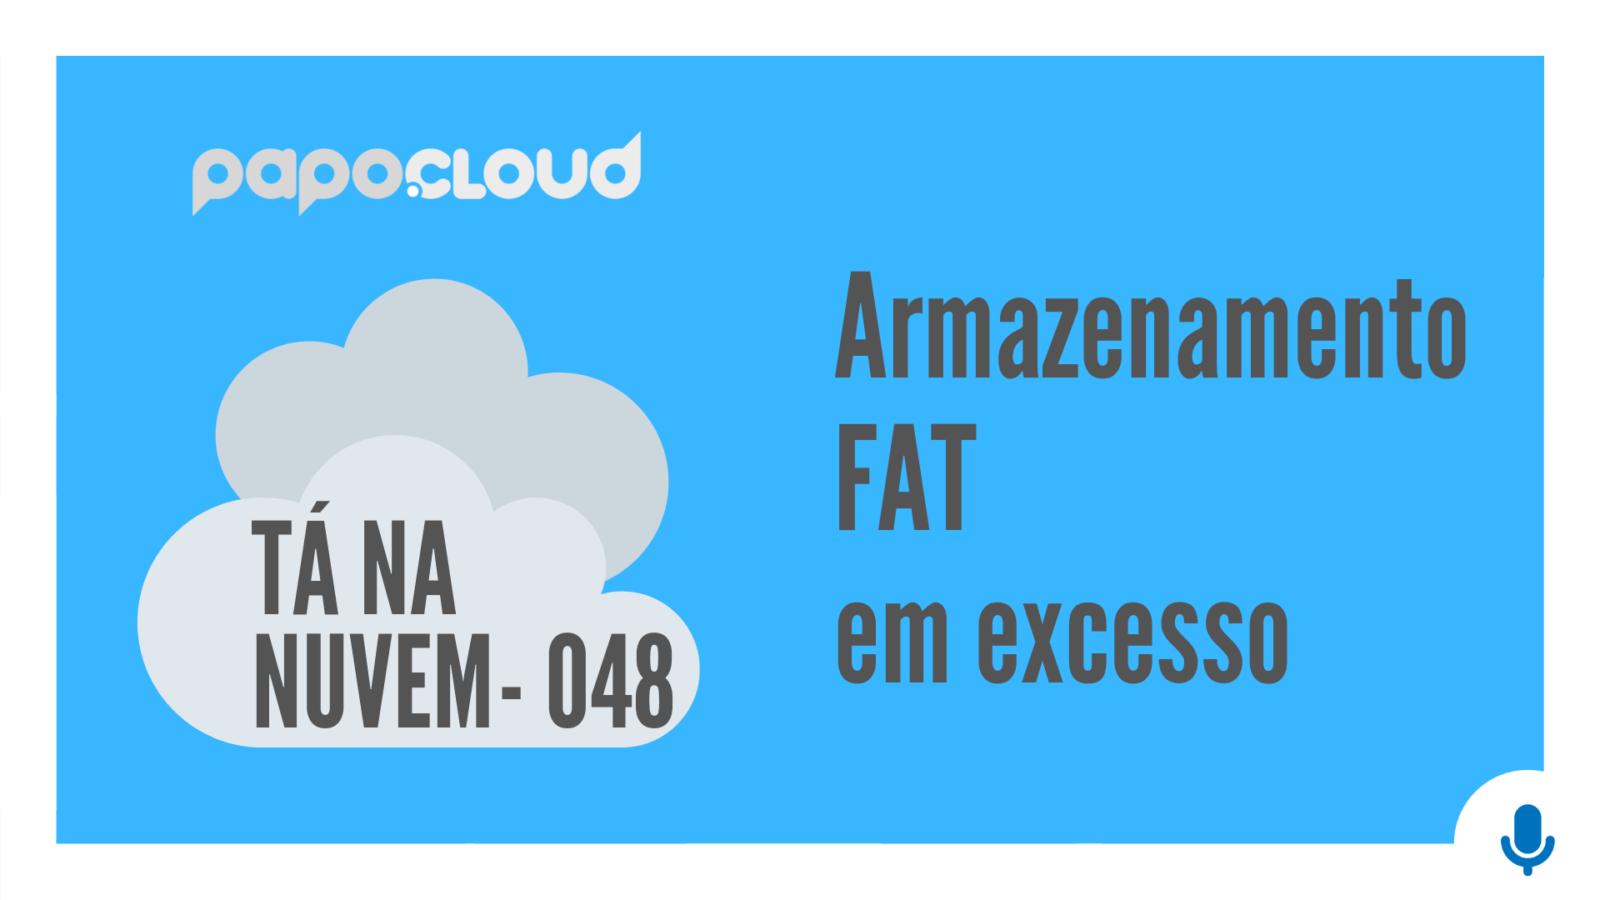 Tá Na Nuvem 048 - Armazenamento FAT em excesso